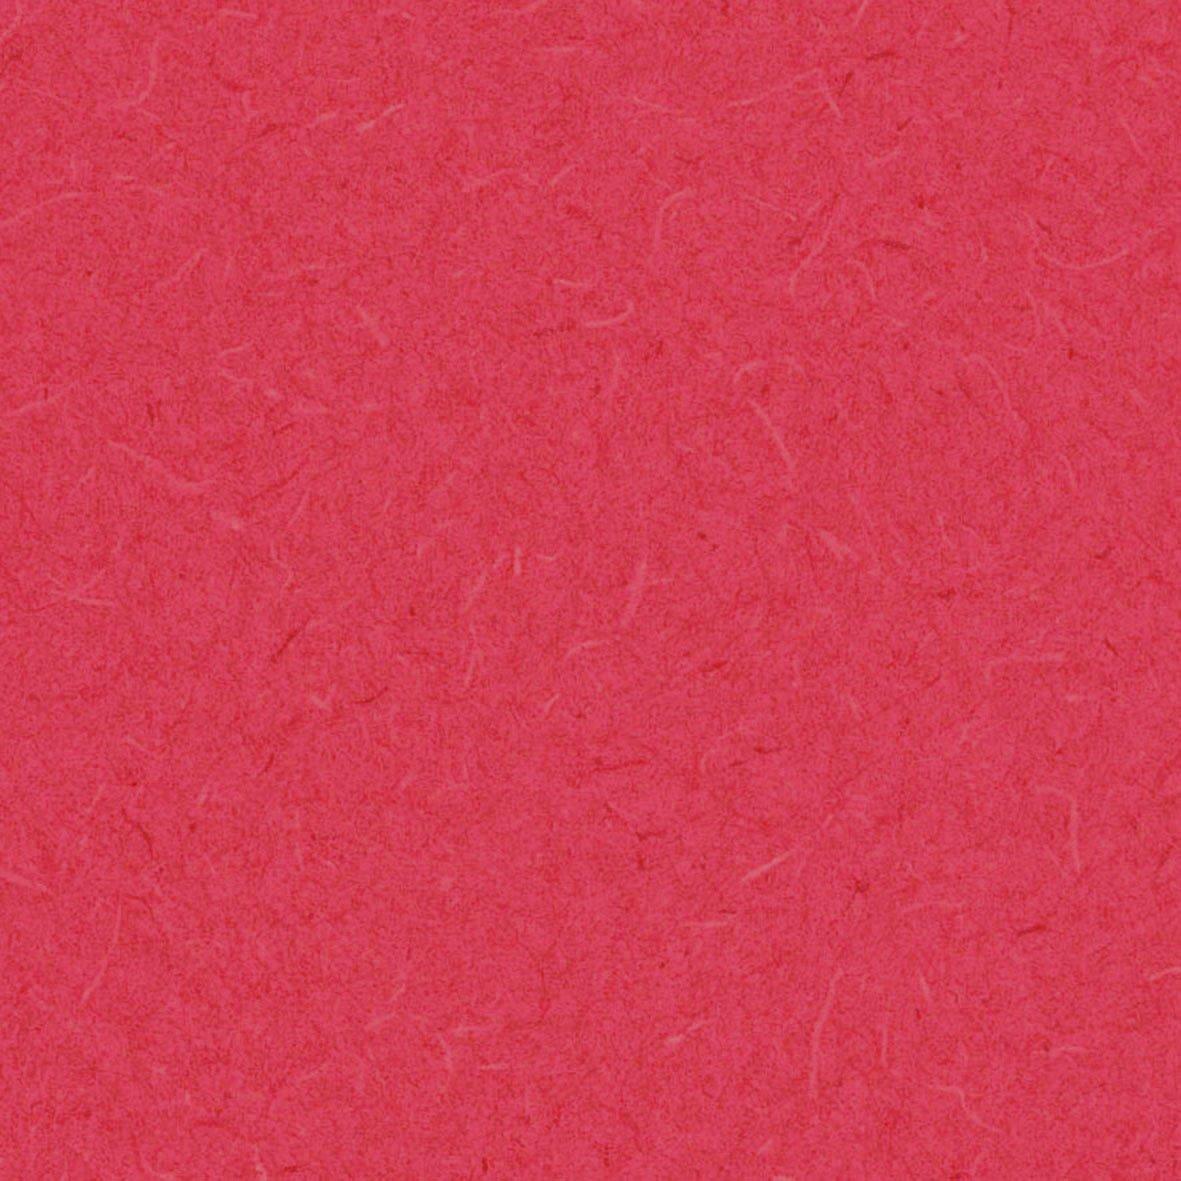 リリカラ 壁紙40m 和 石目調 オレンジ LL-8305 B01MSILZC1 40m|オレンジ